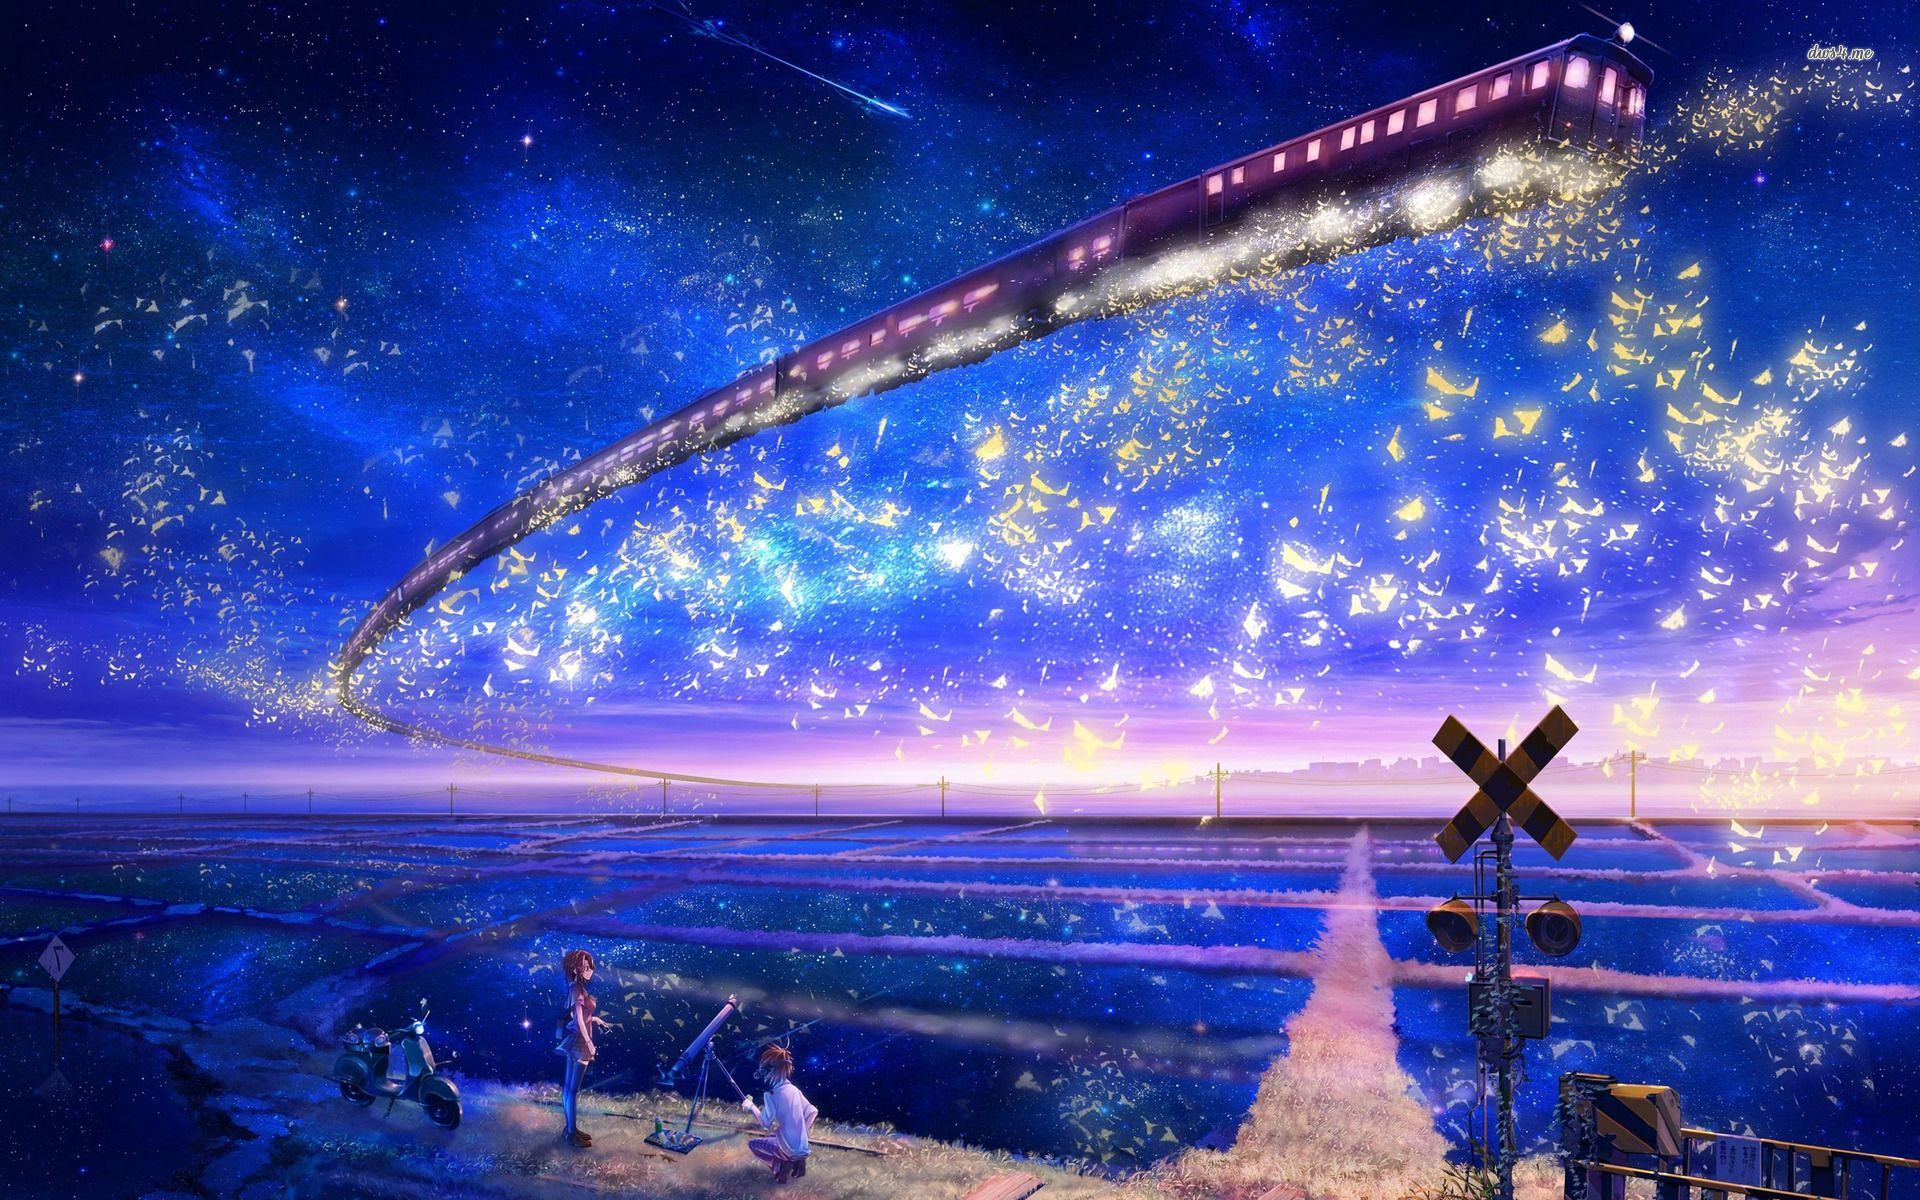 Anime Star Night Sky Tim Voi Google